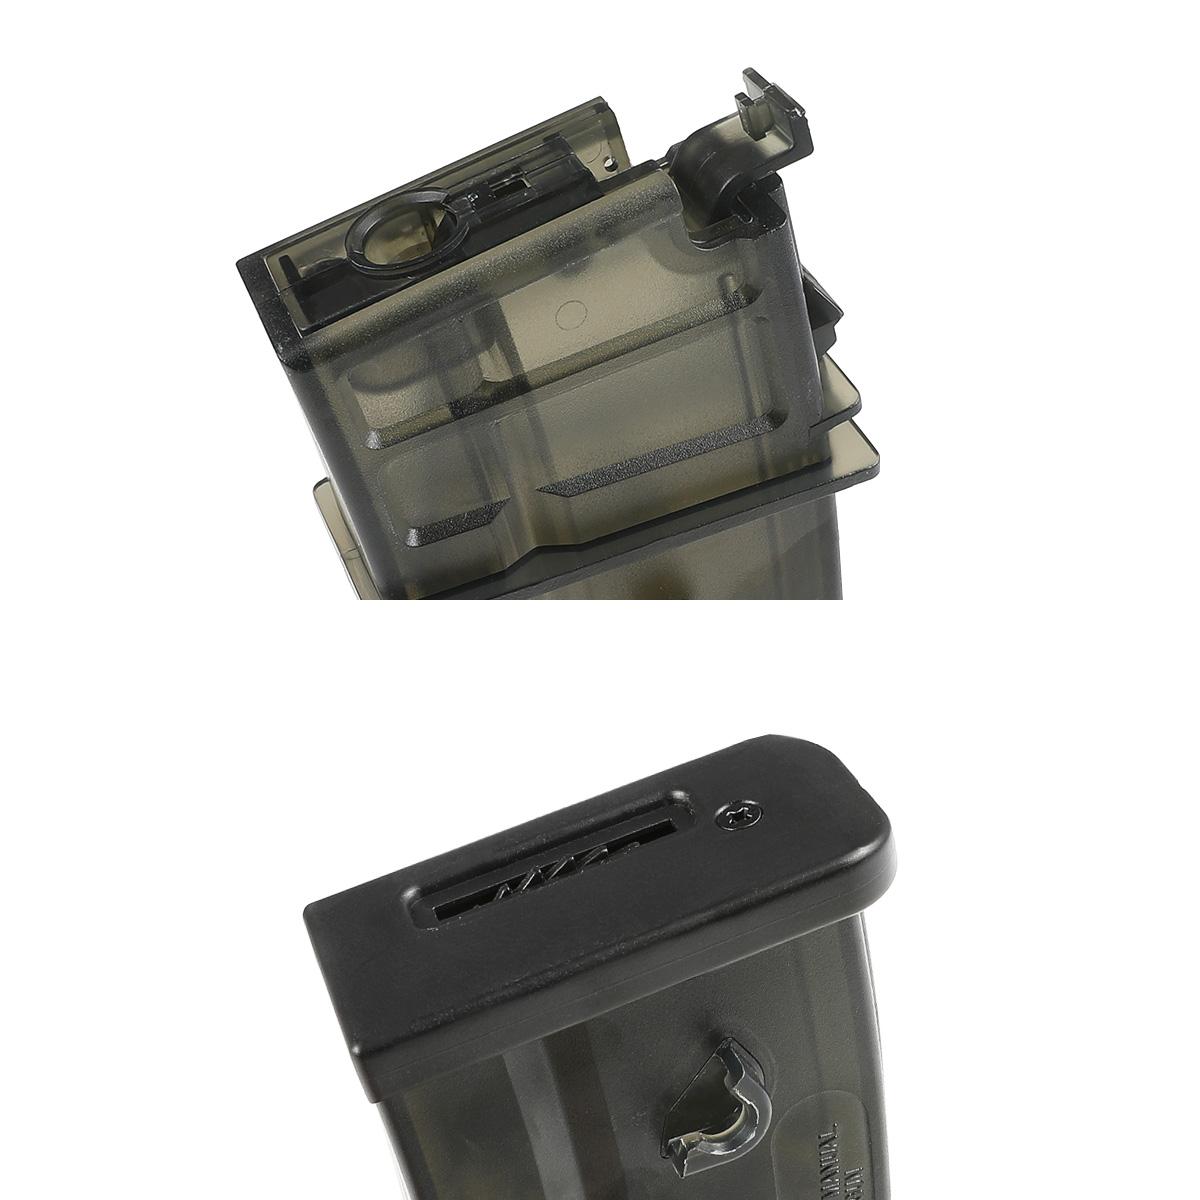 【同梱不可】 SRC H&K XM8 フルサイズ電動ガン NV Grey (JP Ver.) 【配送業者:佐川急便限定】